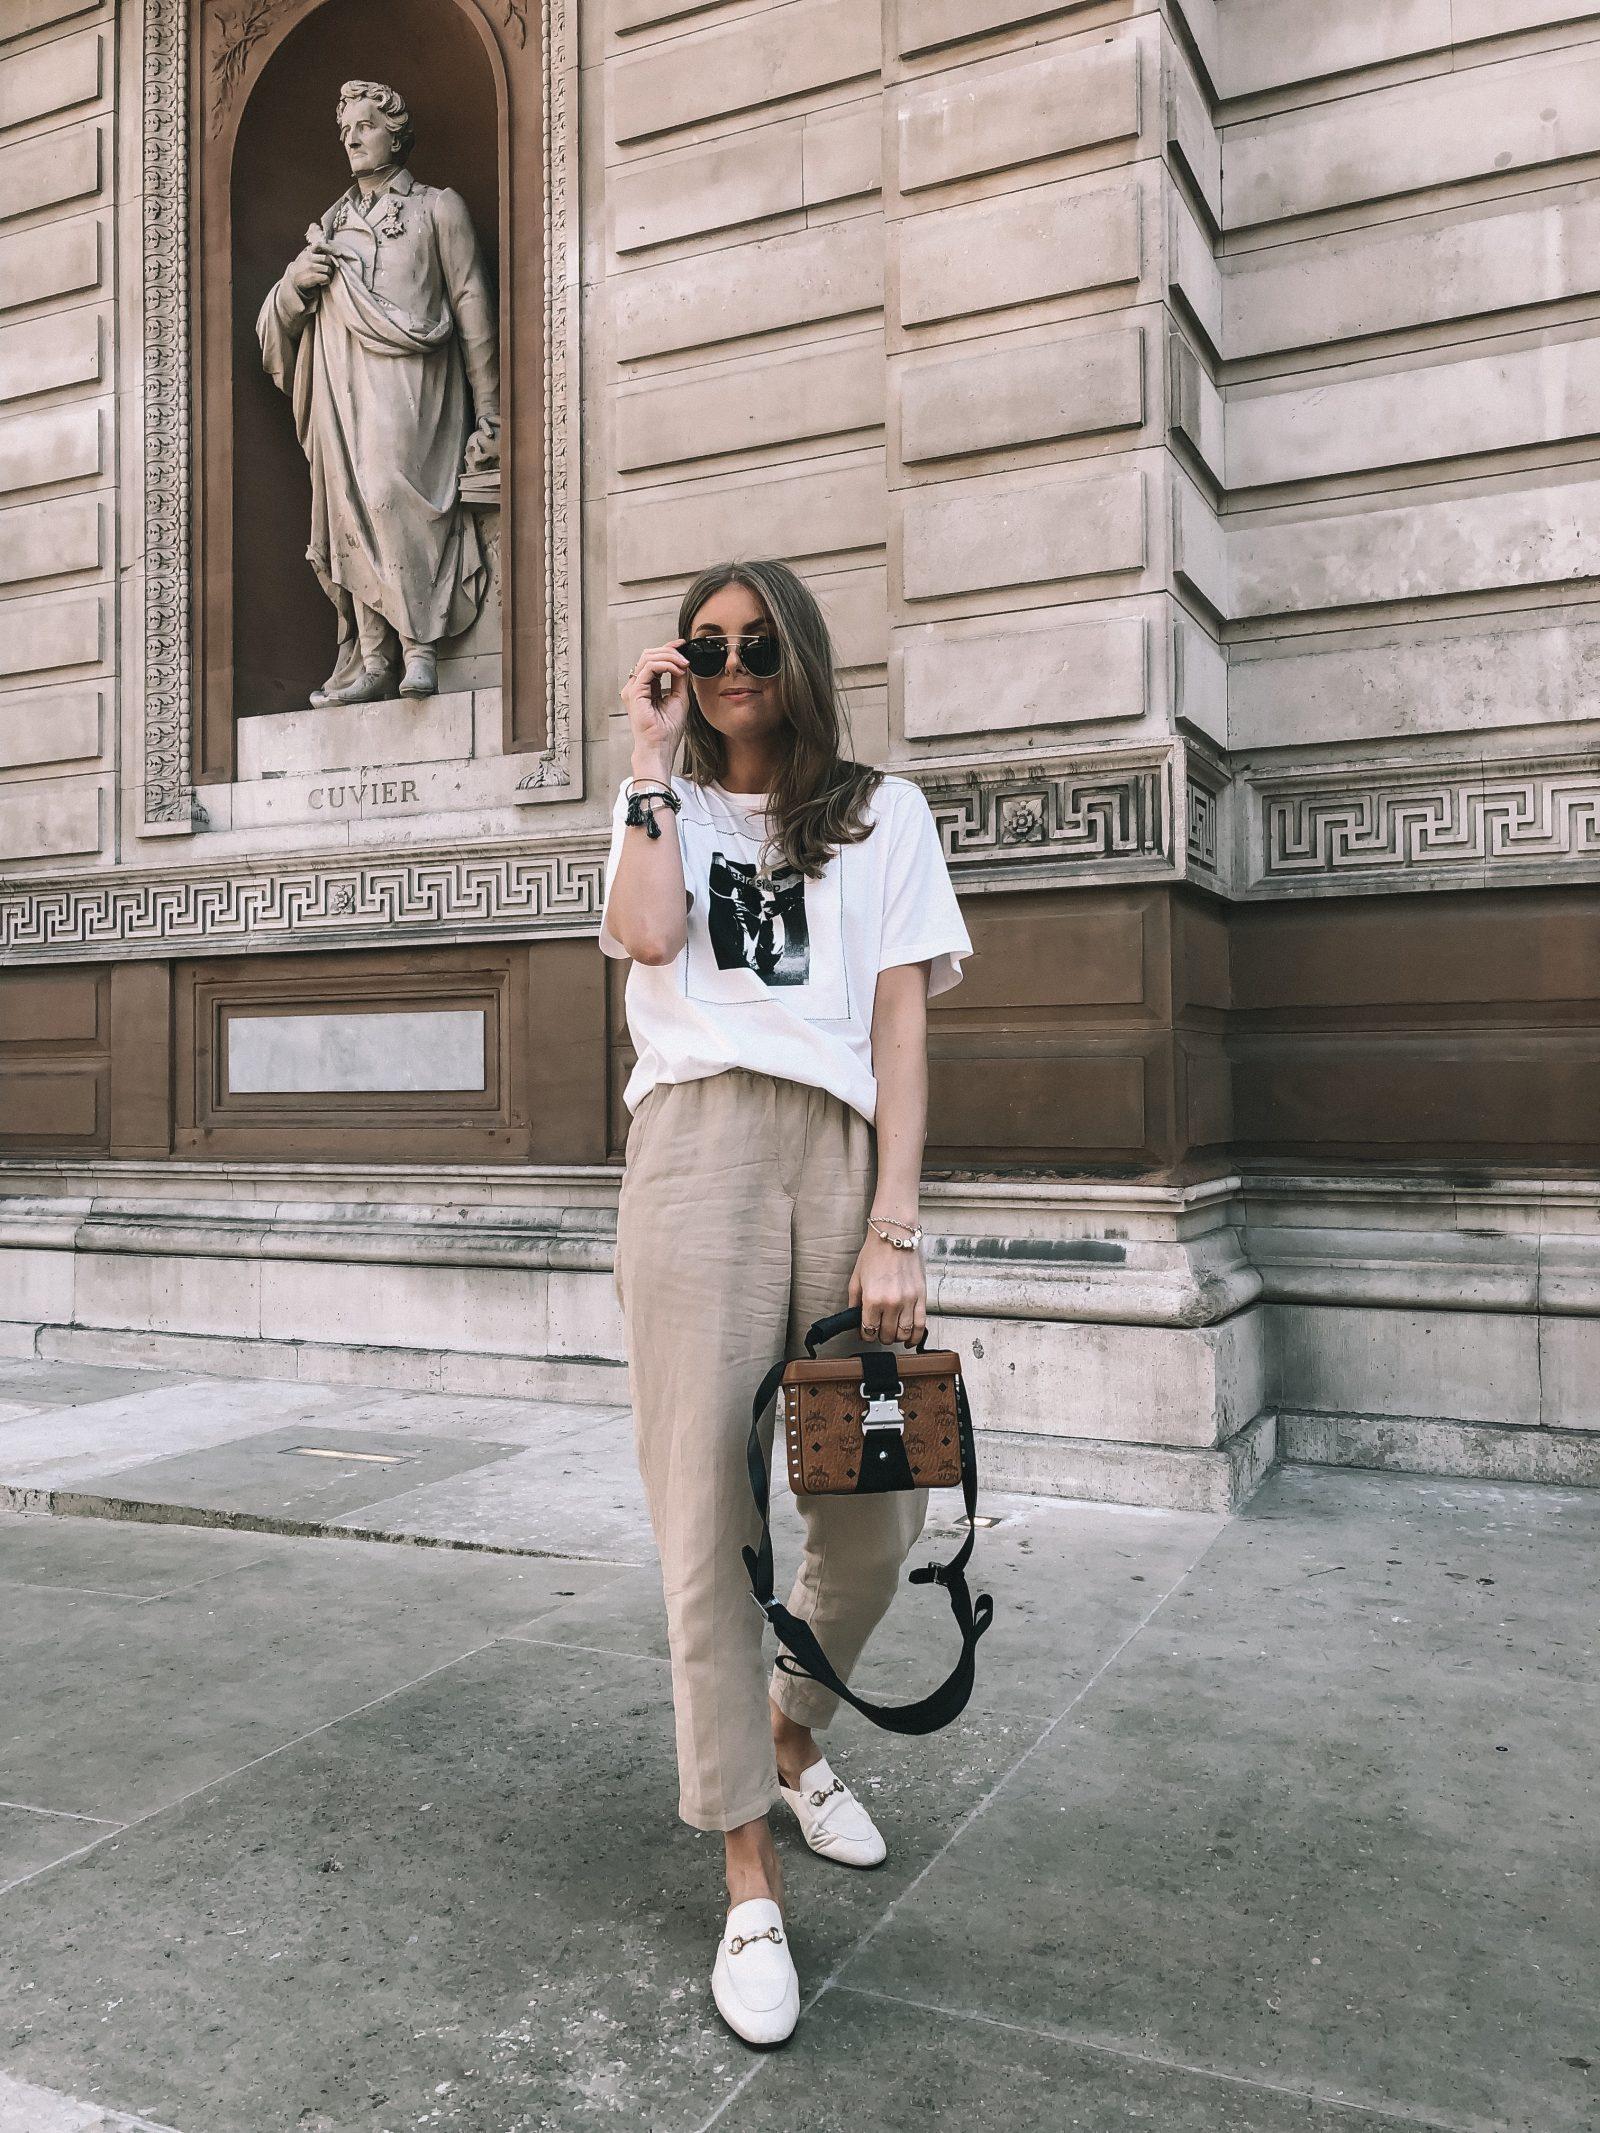 Fashionista mặc áo trắng quần be đi giày lười trắng